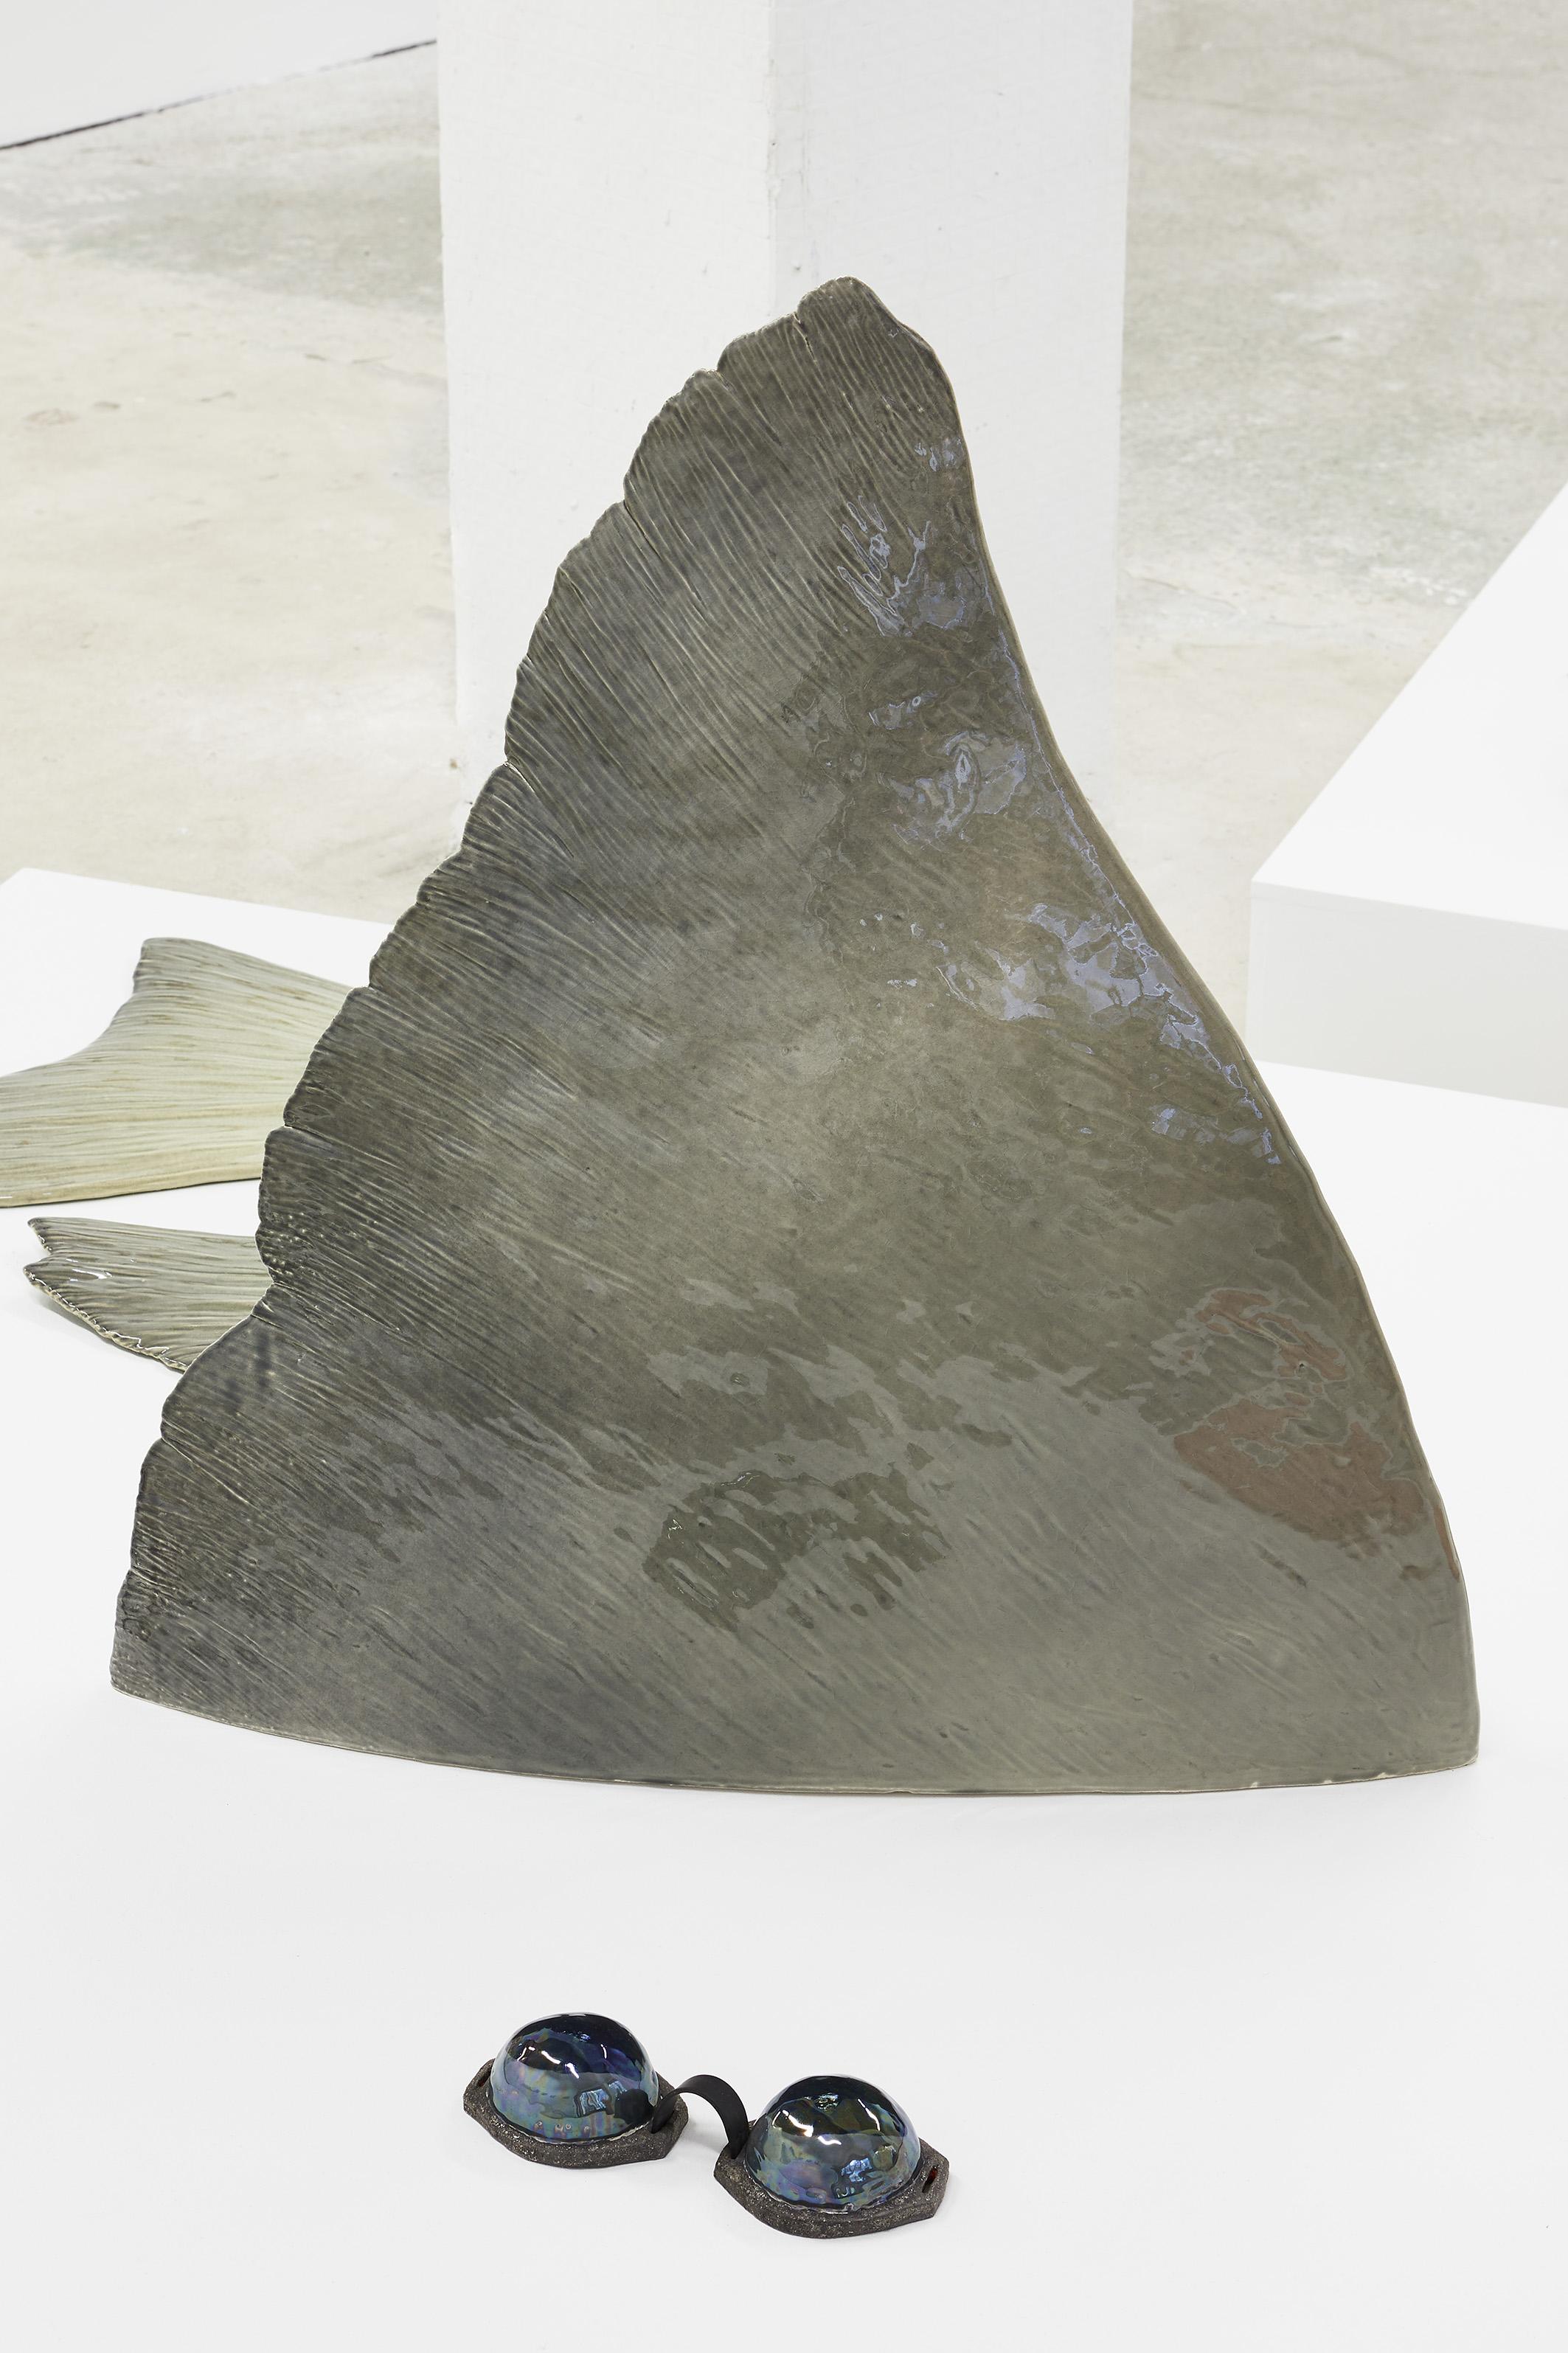 ELSA GUILLAUME,TRIPLE KIT N°23, 2019, 61 x 66 x 14 cm, Céramique émaillée